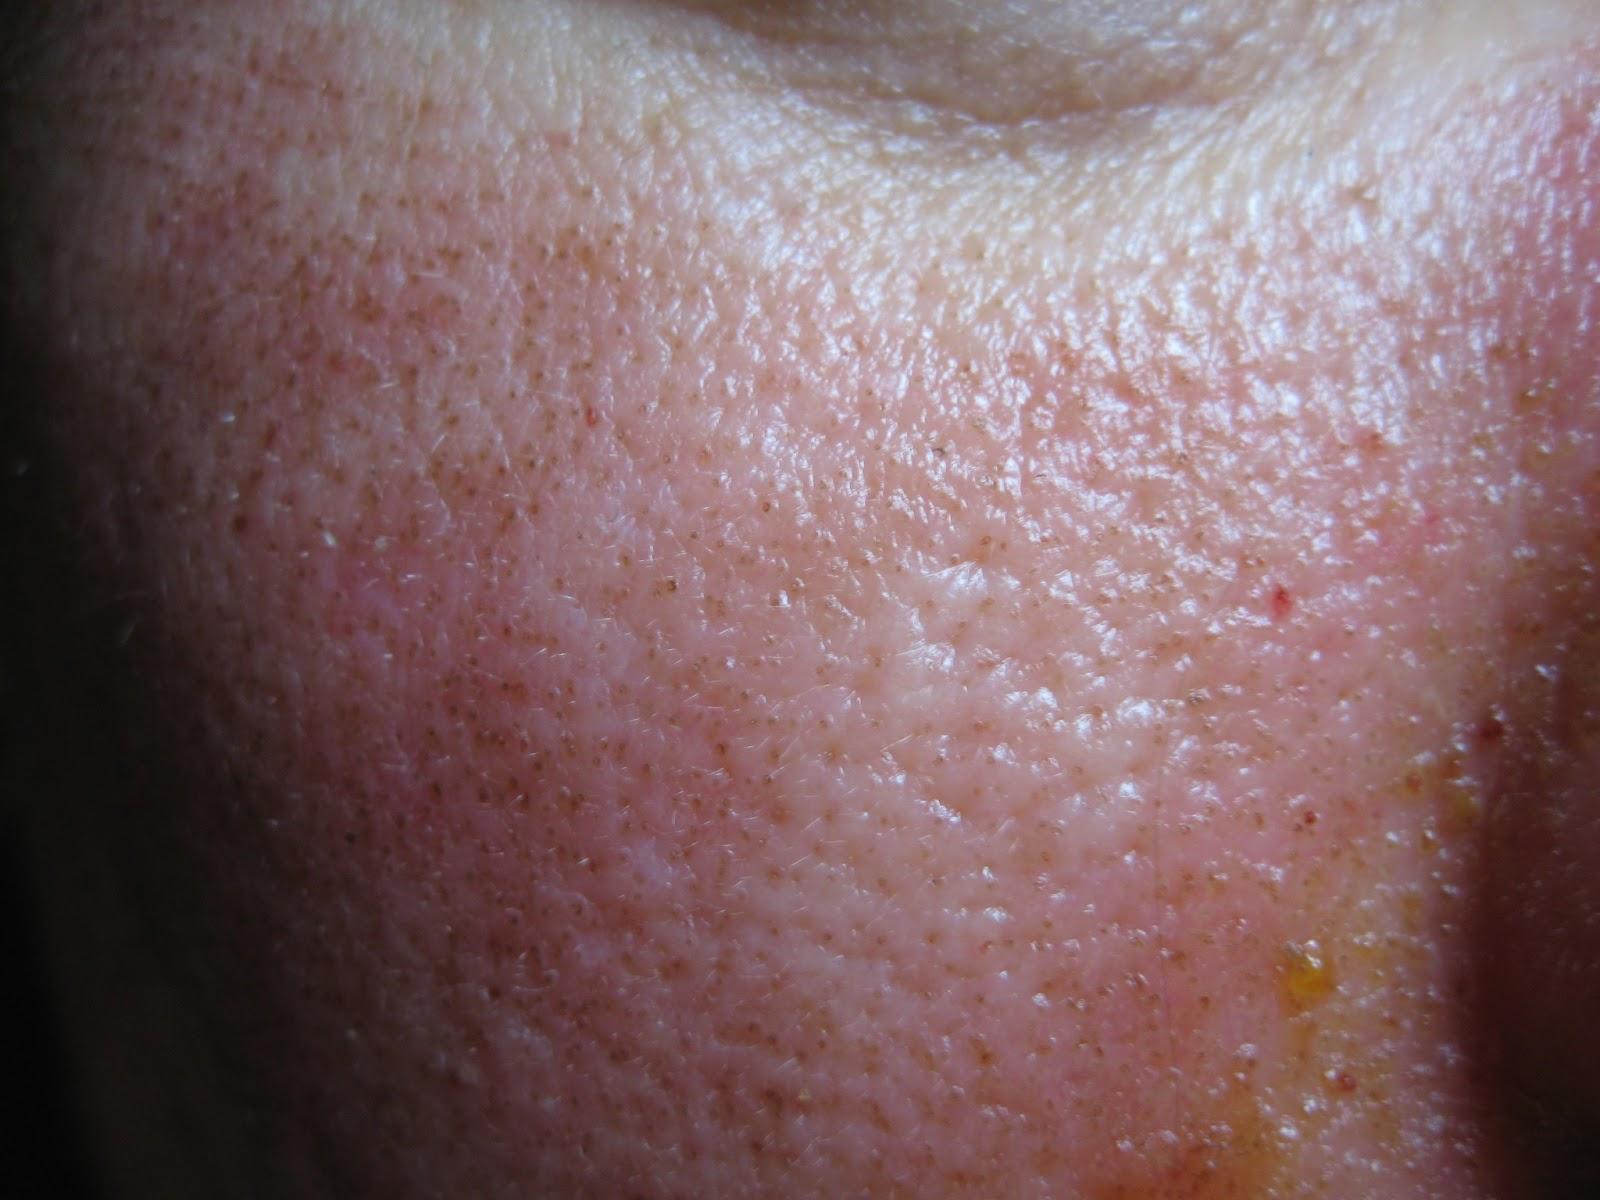 a bőr papillómái kezelést okoznak a gyomorrák biomarkerek rendszerbiológiai megközelítést jelentenek